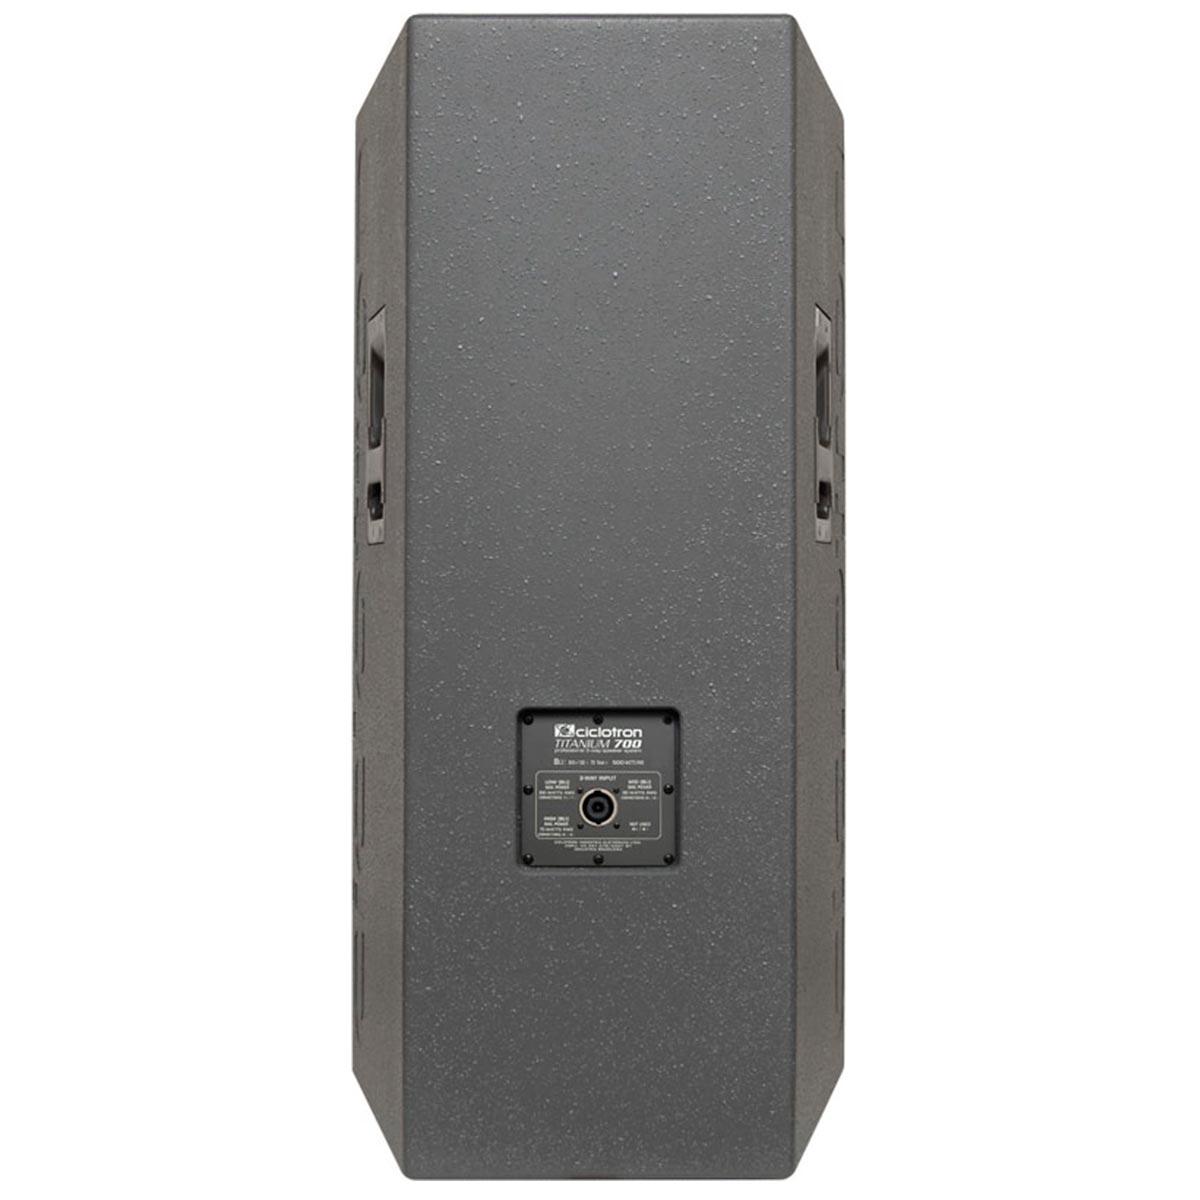 700 - Caixa Passiva 300W Titanium 700 - Ciclotron